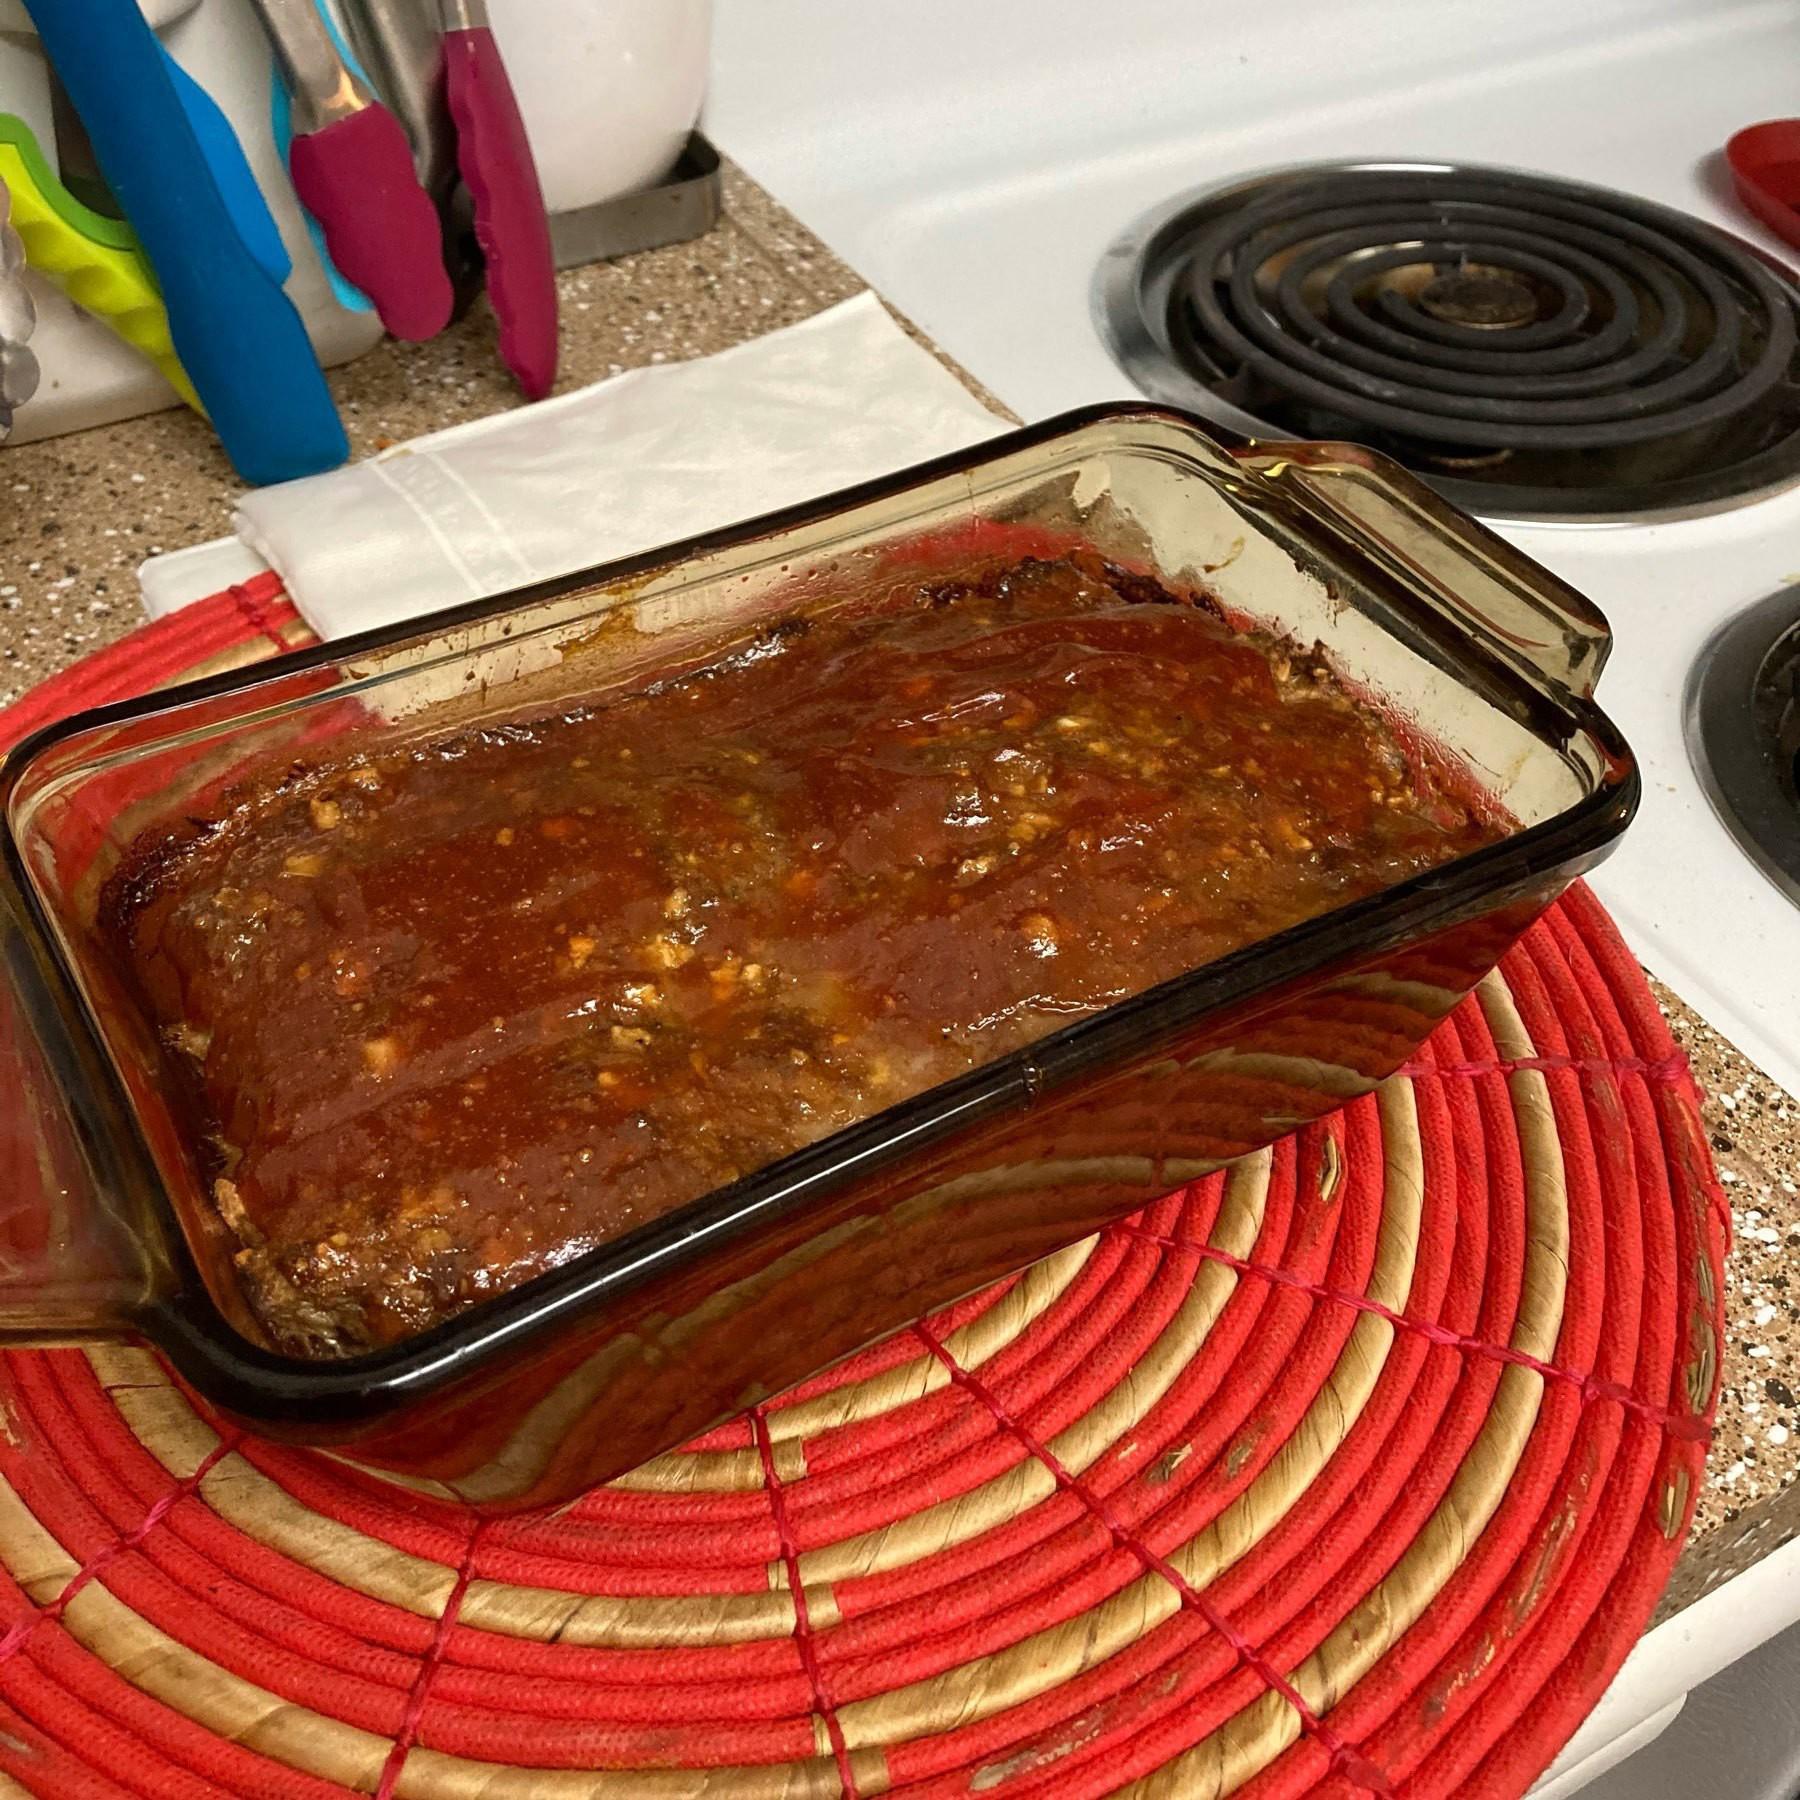 Home made meatloaf.